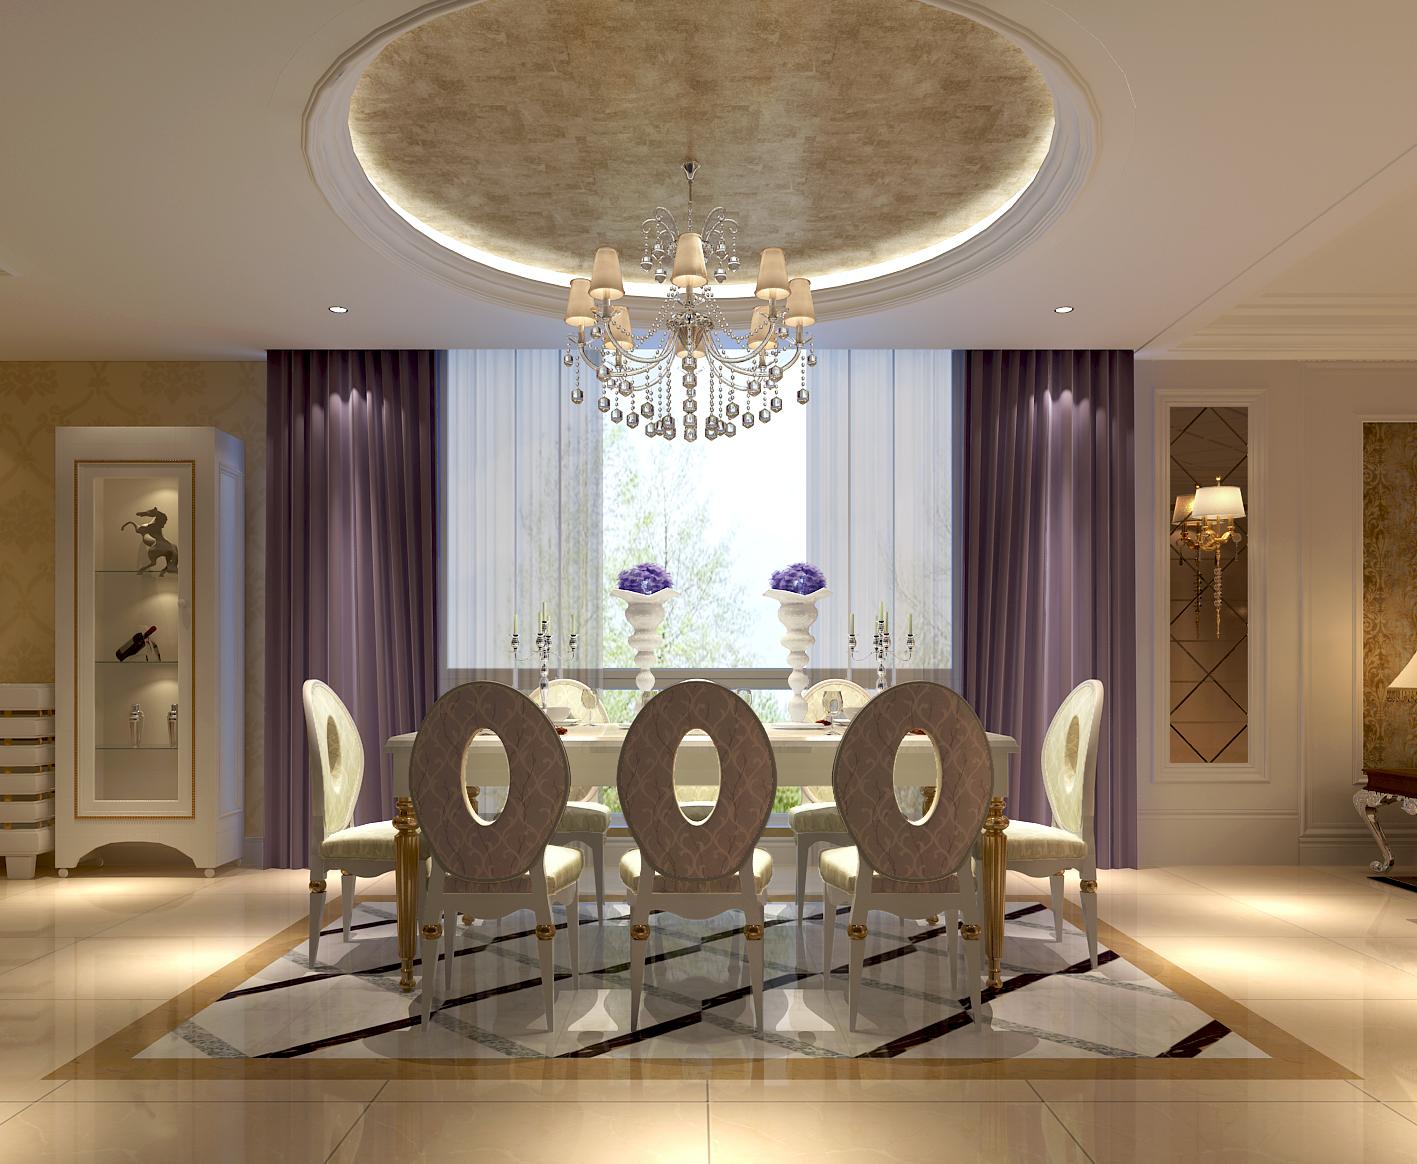 简约 欧式 混搭 别墅 二居 收纳 80后 小资 高度国际 餐厅图片来自高度国际王慧芳在卡尔生活馆的分享